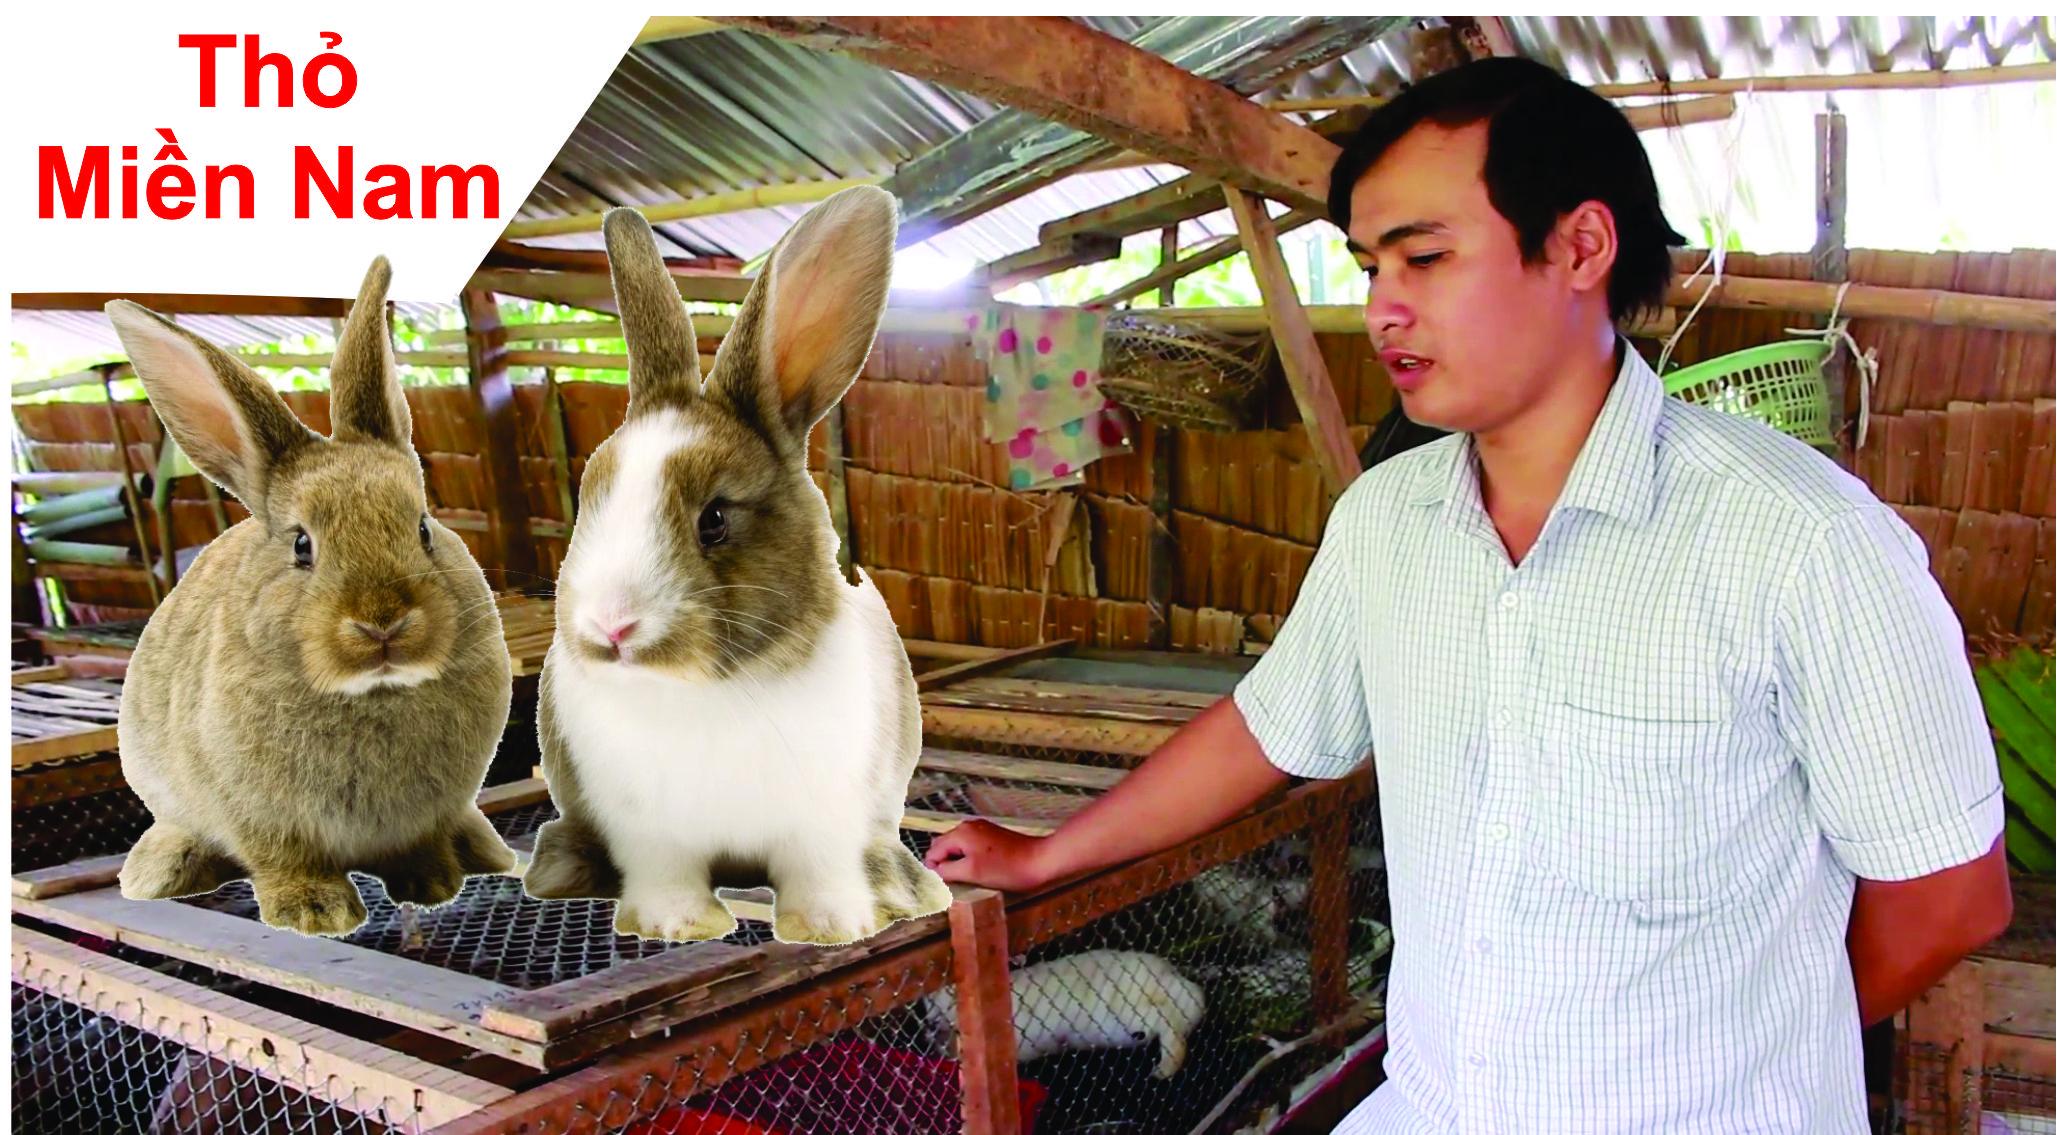 Mô hình chăn nuôi thỏ kết hợp trồng Bưởi Sạch ở Vĩnh Long